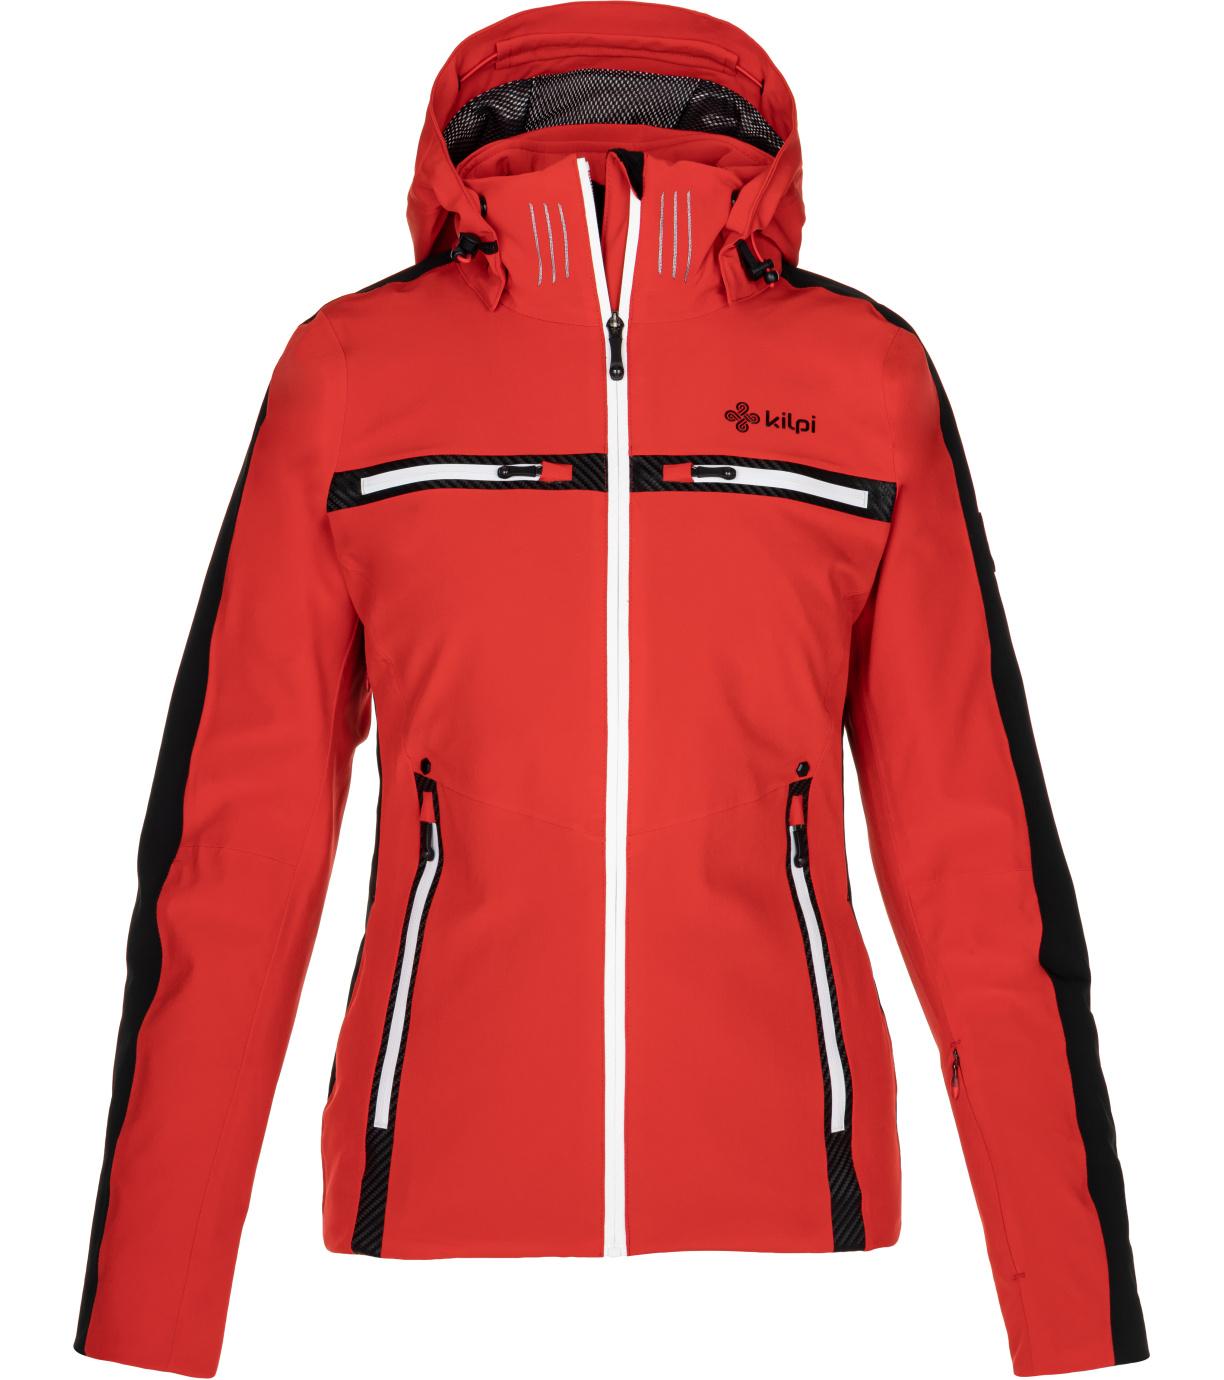 KILPI Dámská lyžařská bunda - větší velikosti HATTORI-W NLX080KIRED Červená 48